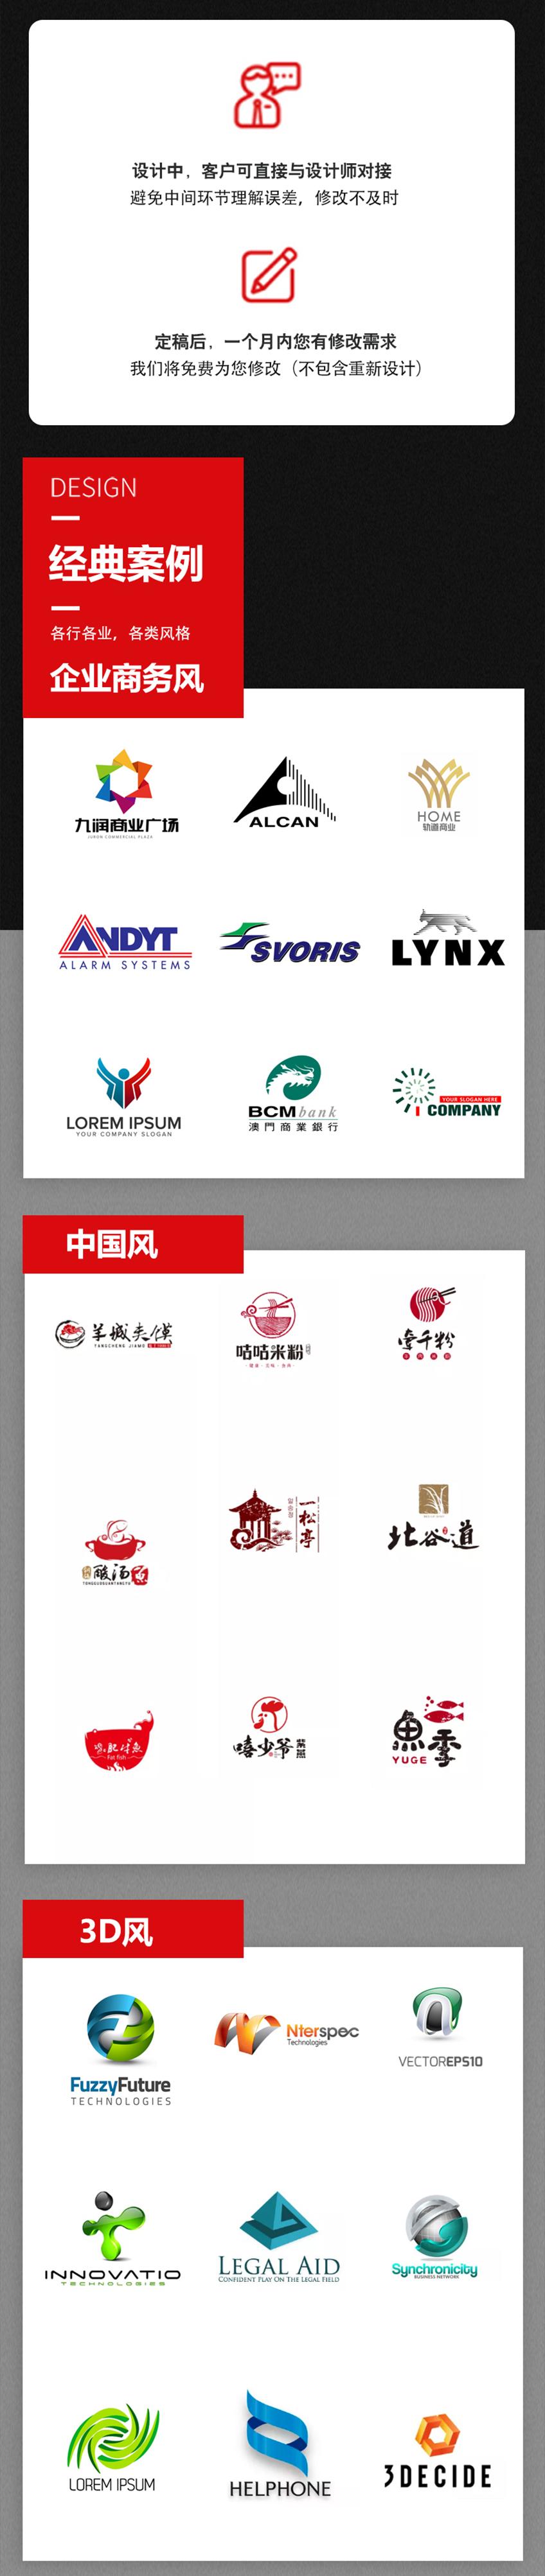 _企业公司品牌logo设计图文原创标志商标LOGO图标平面设计4